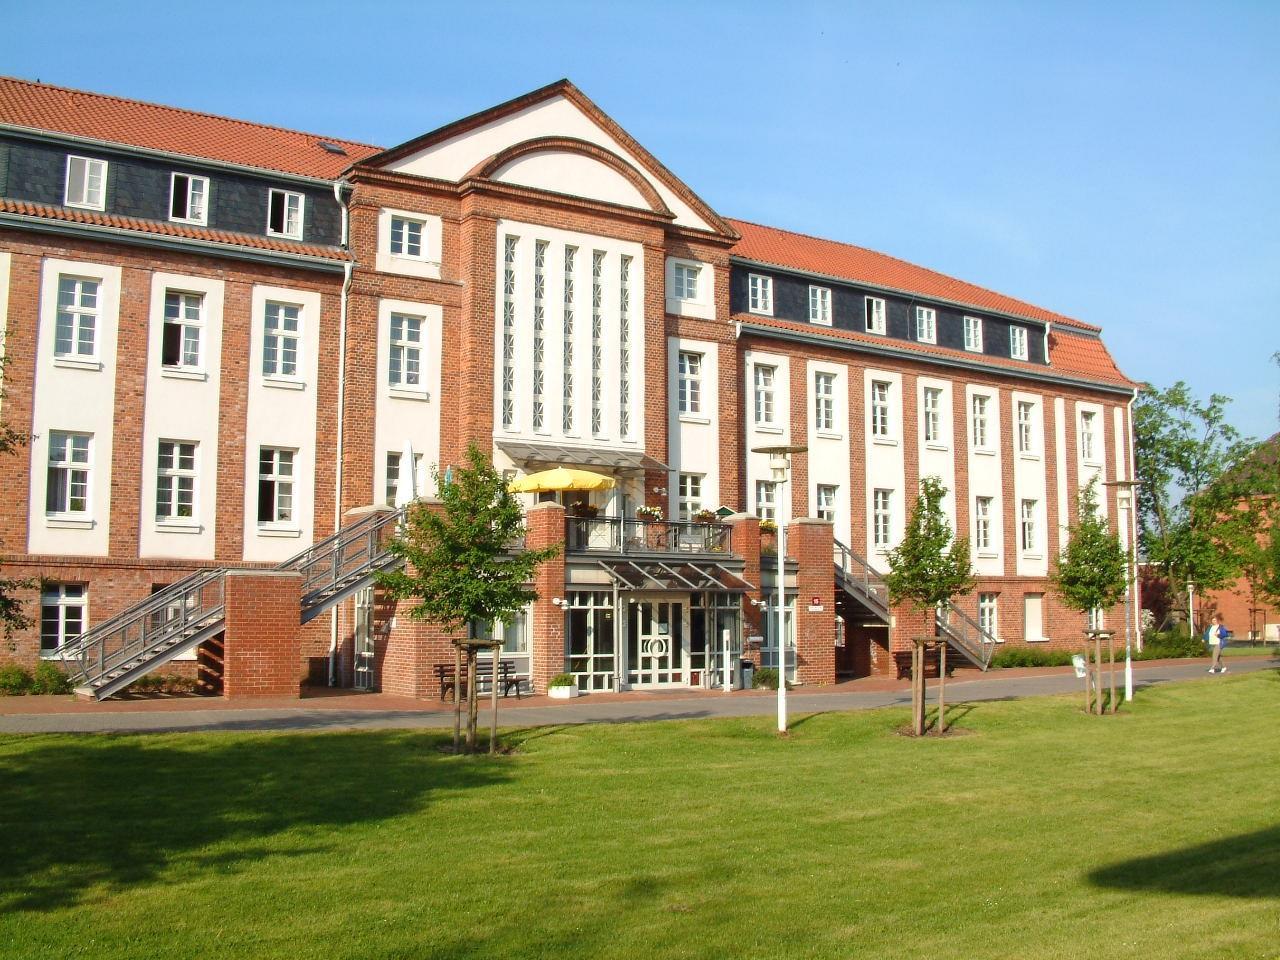 Martin-Ulbrich-Haus